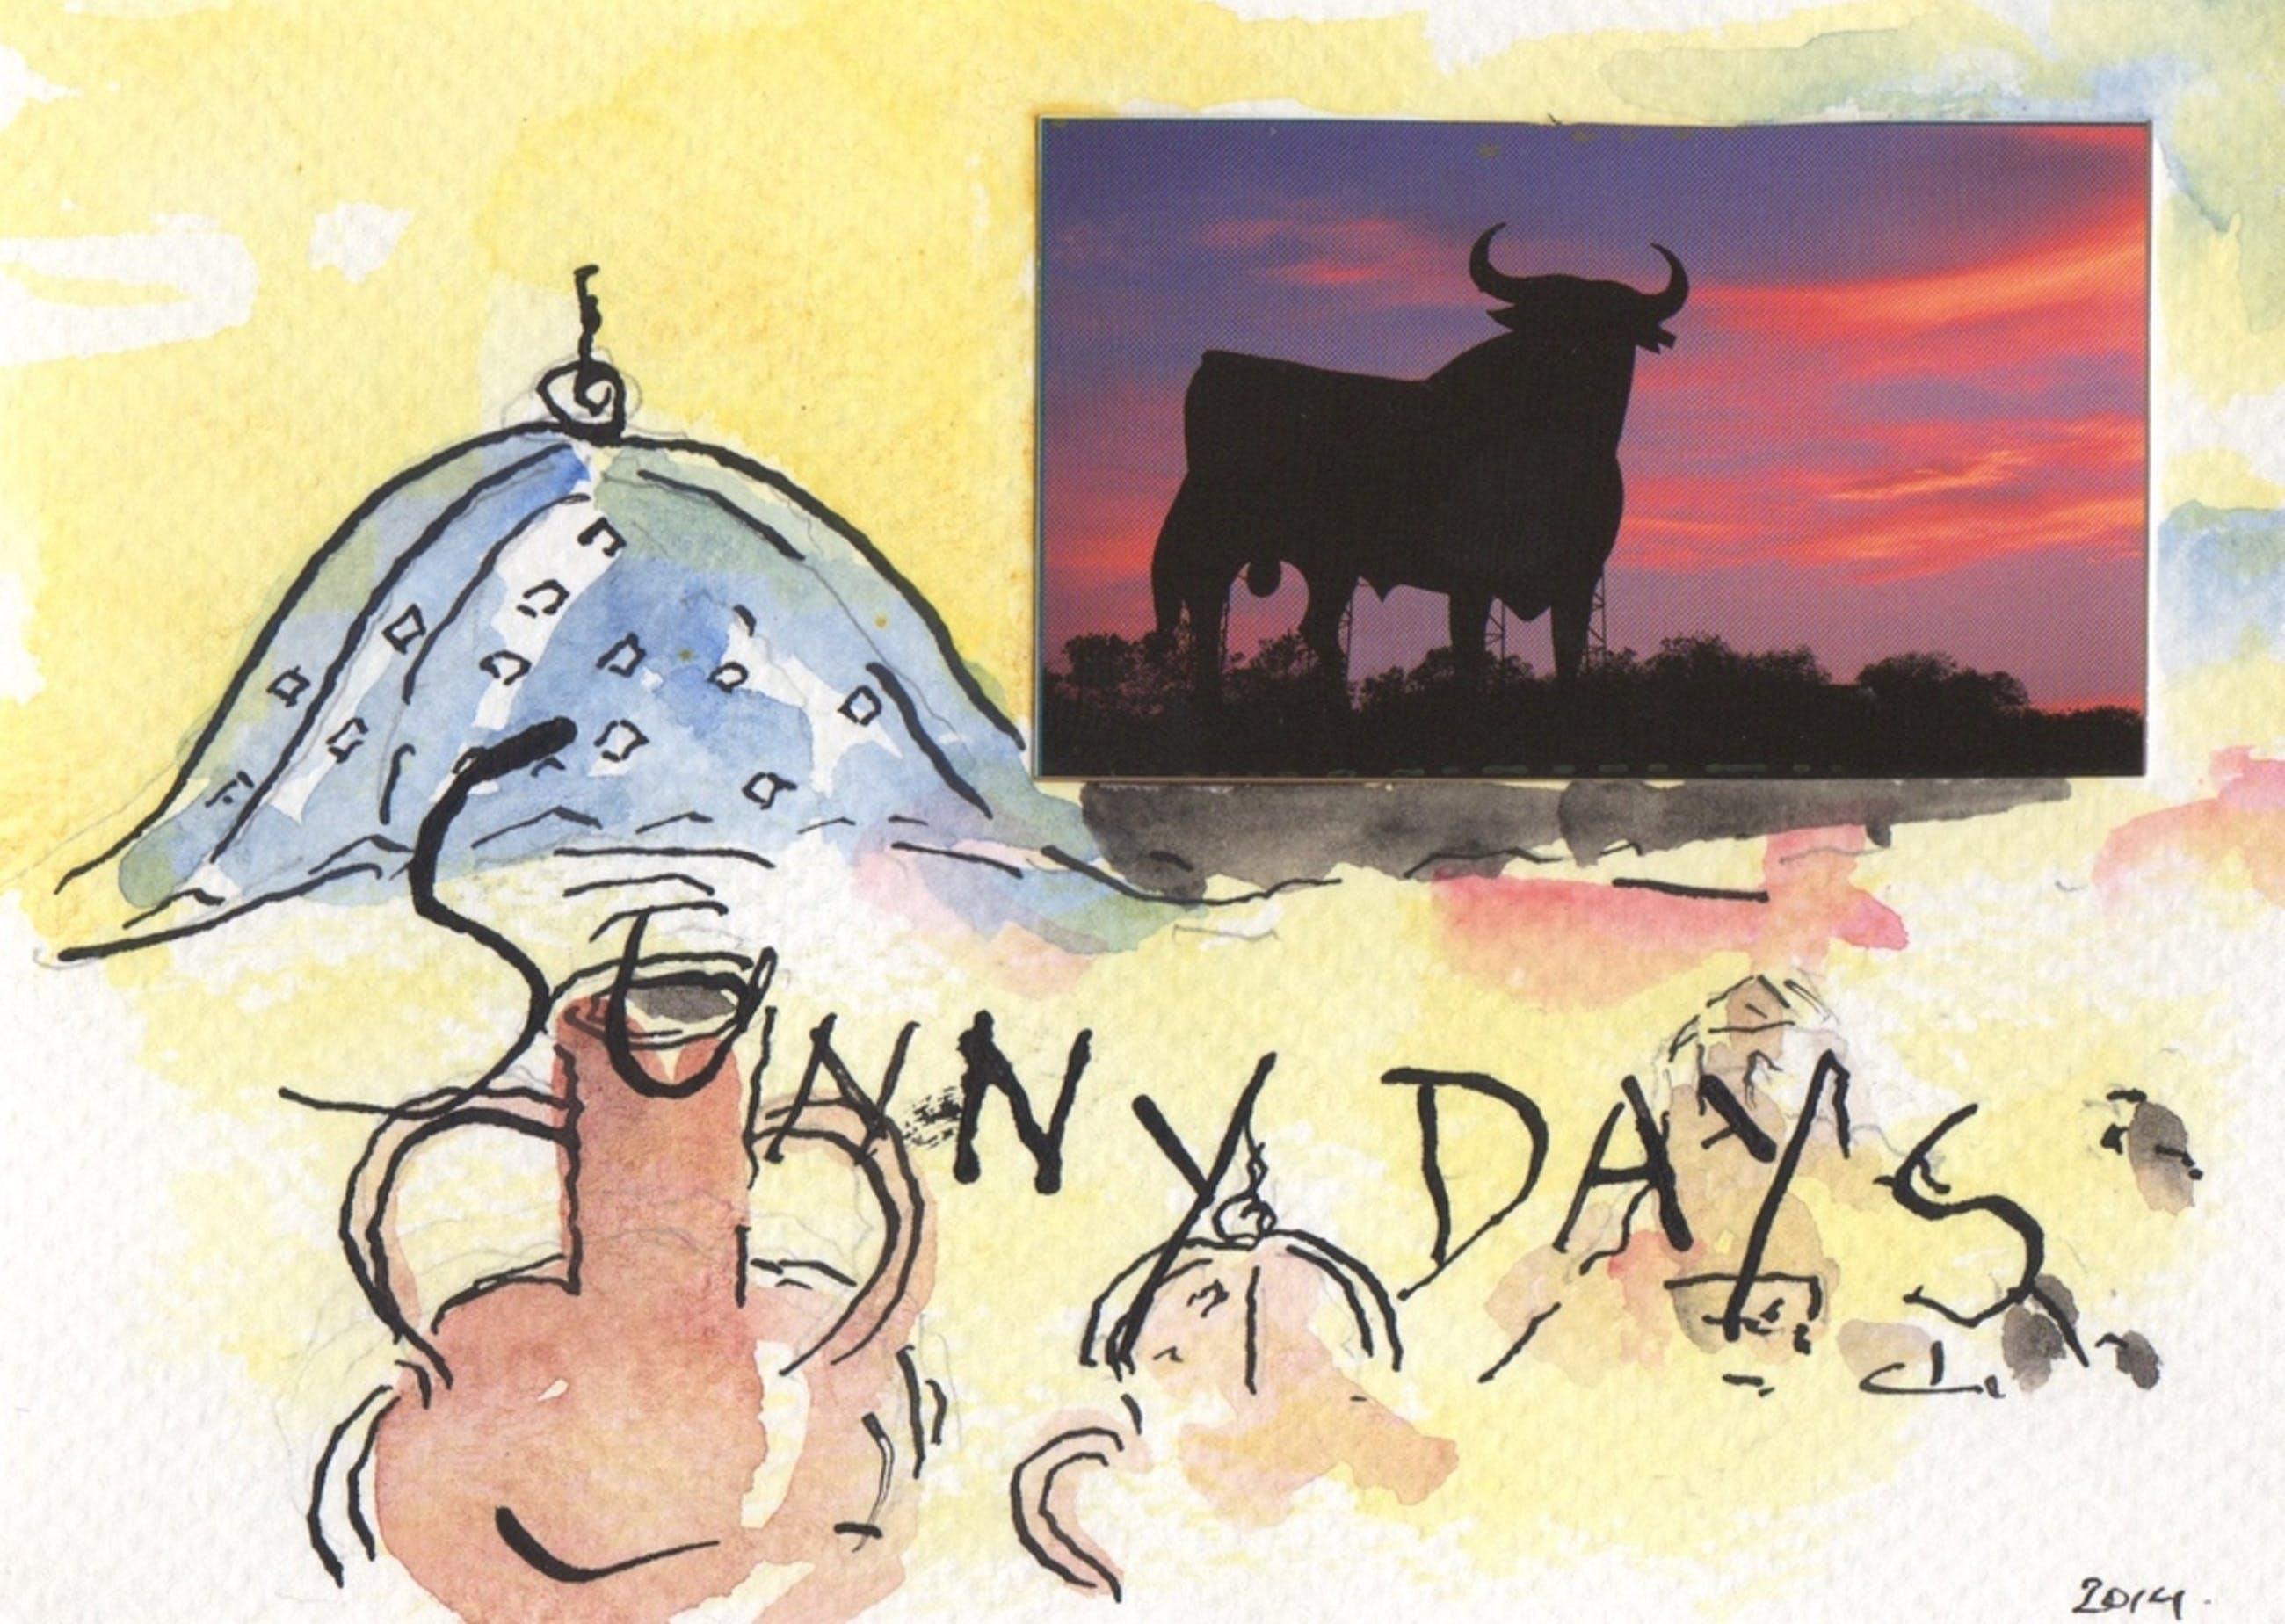 Woody van Amen - Woody van Amen, gemengde techniek op papier met collage, 'Sunny days', 2014 kopen? Bied vanaf 349!